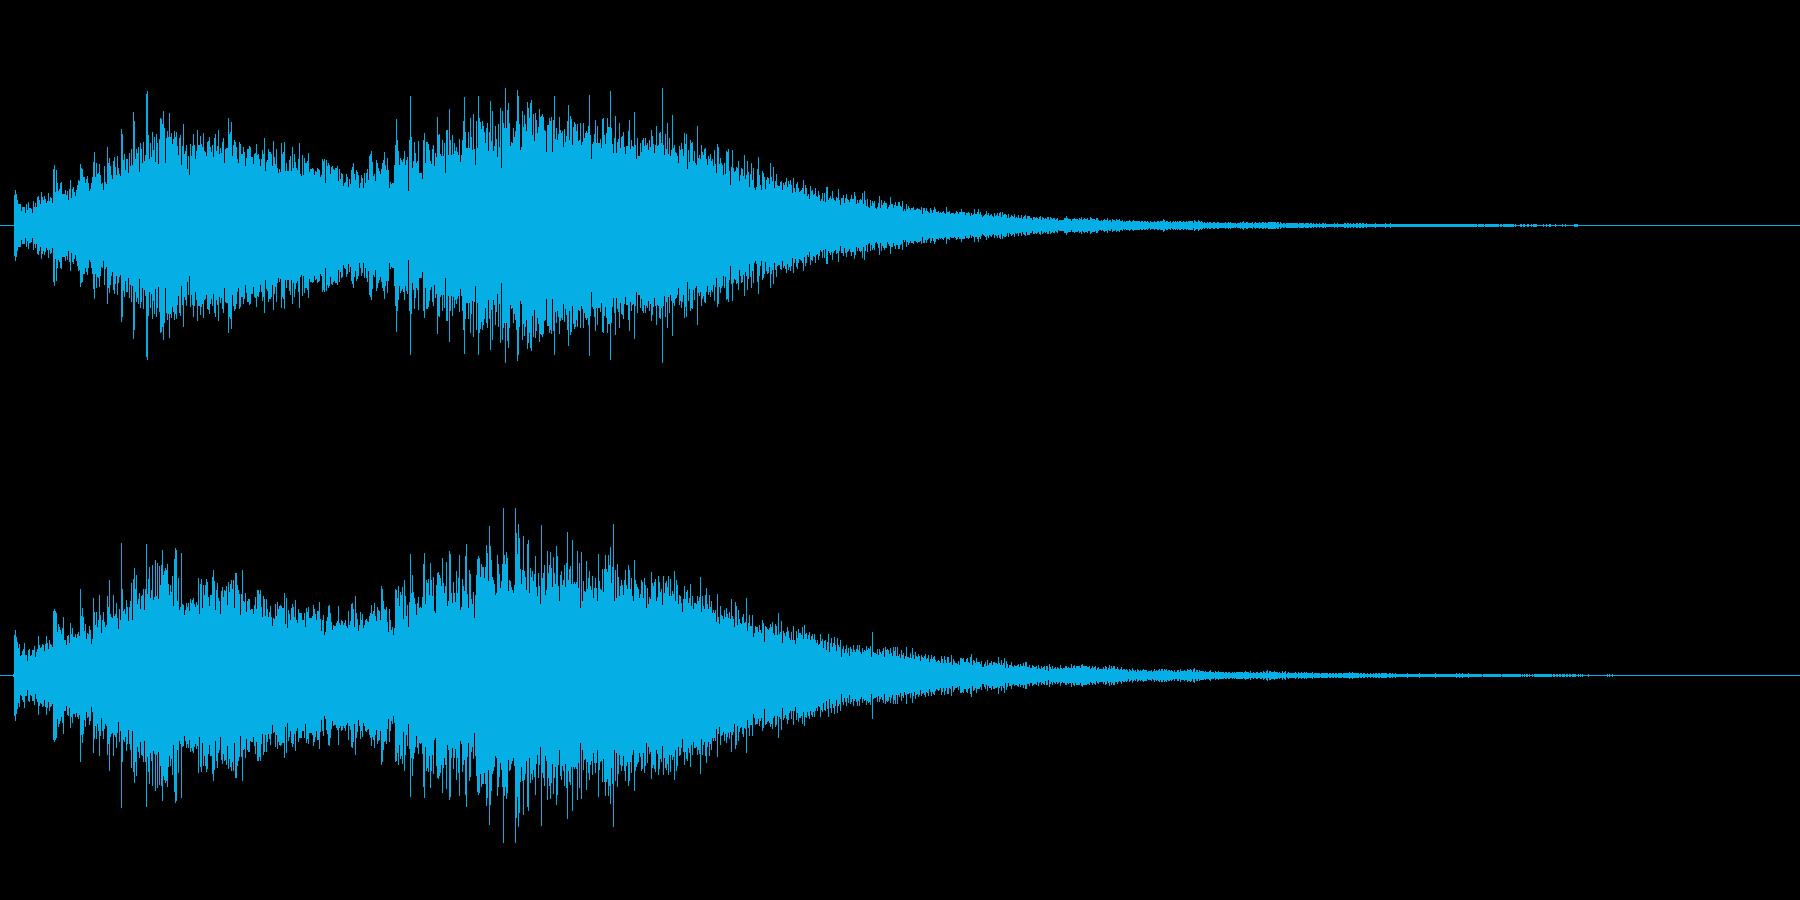 ジャジャジャ〜ン・・・・中国ドラの連打音の再生済みの波形